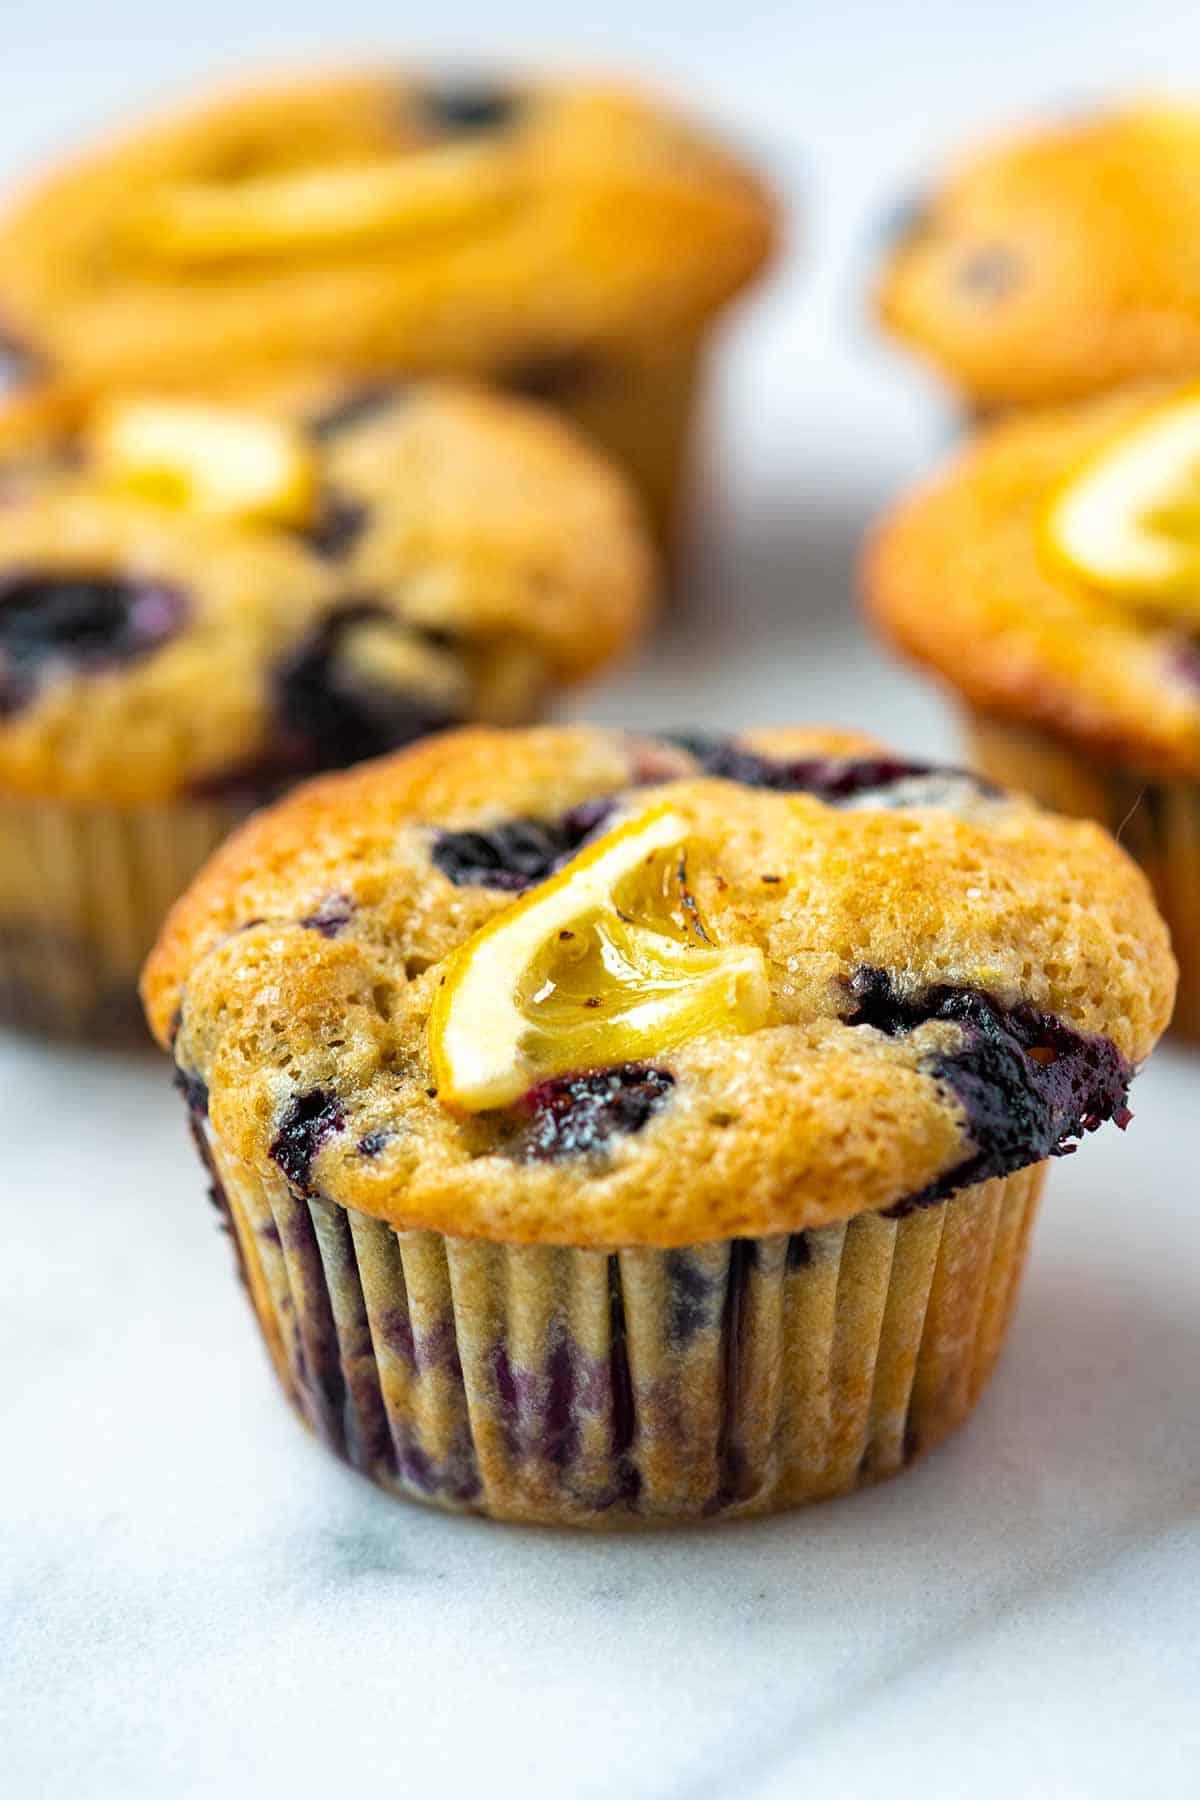 Easy Lemon Blueberry Muffins